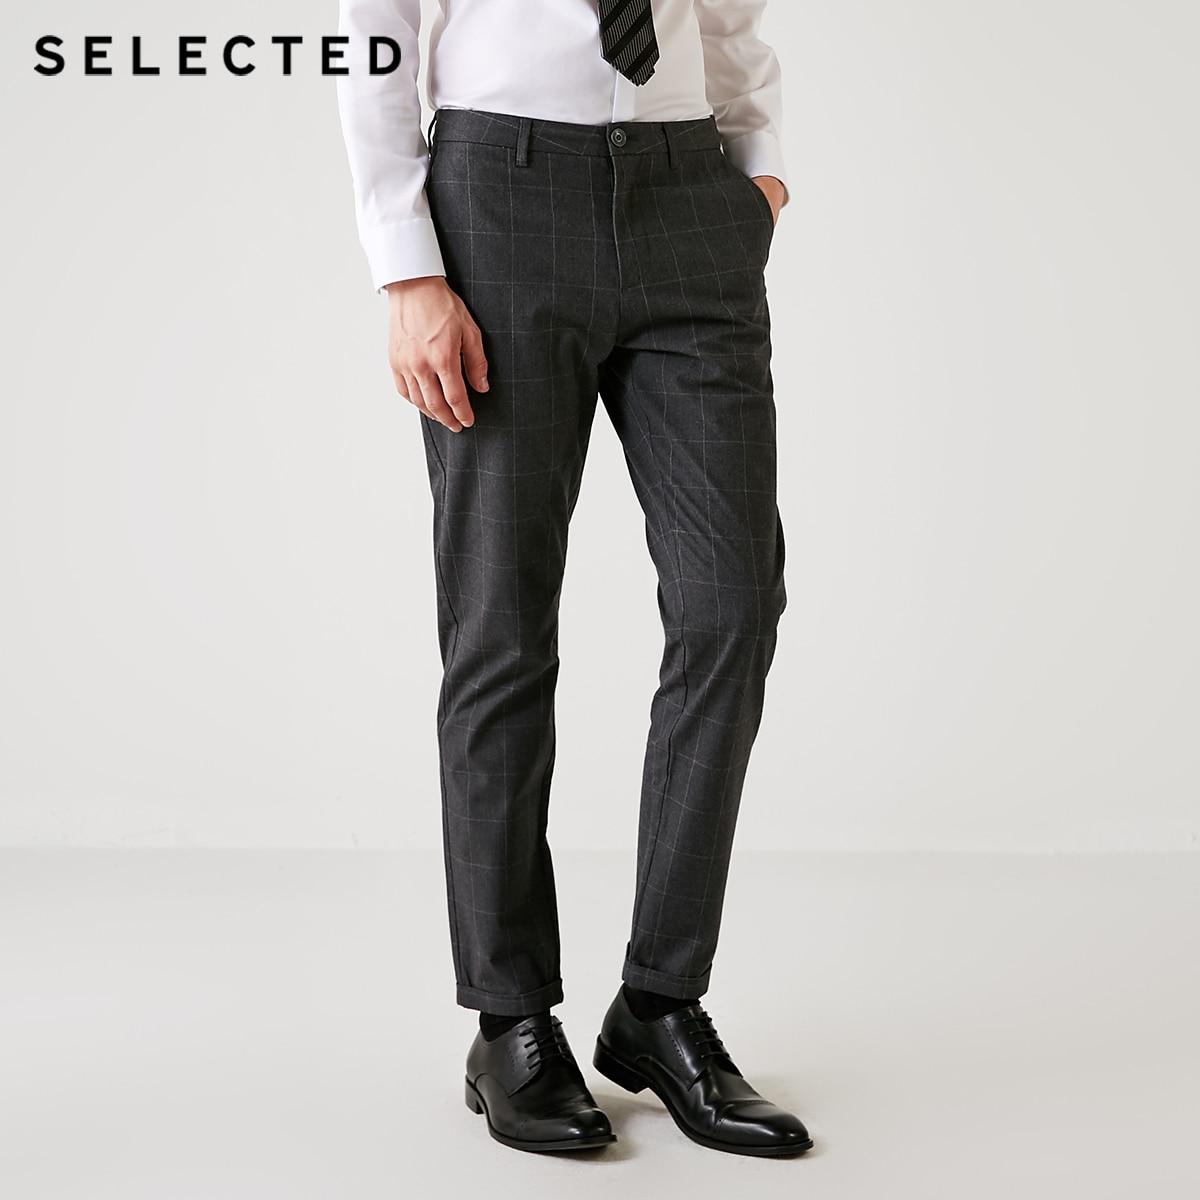 SELECTED Autumn New Men's Pure Cotton Lattice Business Casual Pants S|418314507